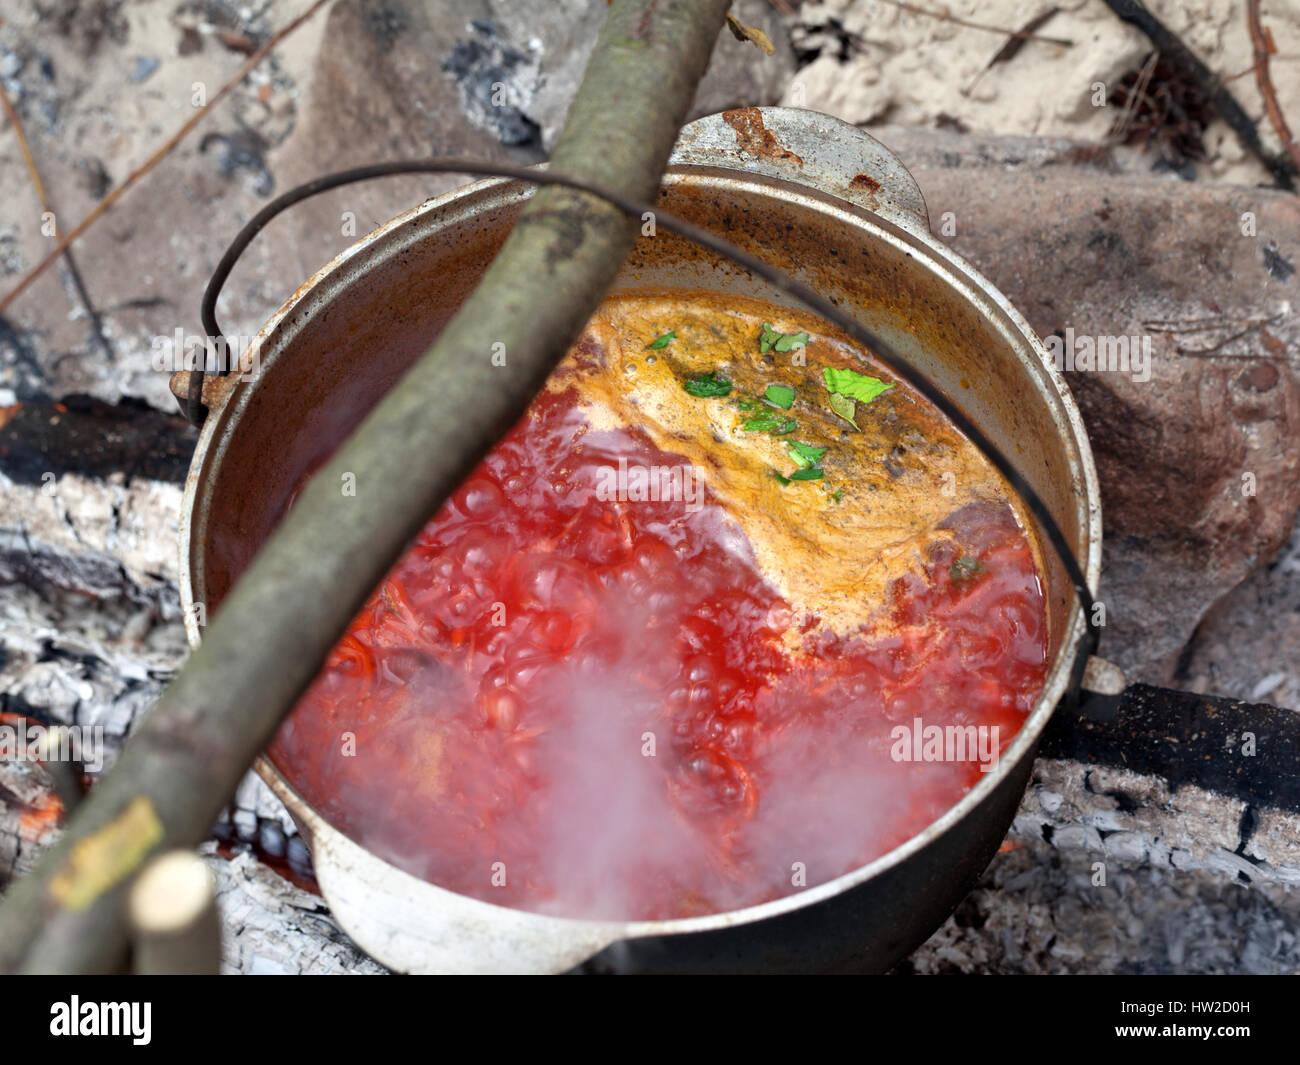 Hongrois goulash chaudron EMAILLE Soupe Chaudière Email Chaudière Casserole chaudière